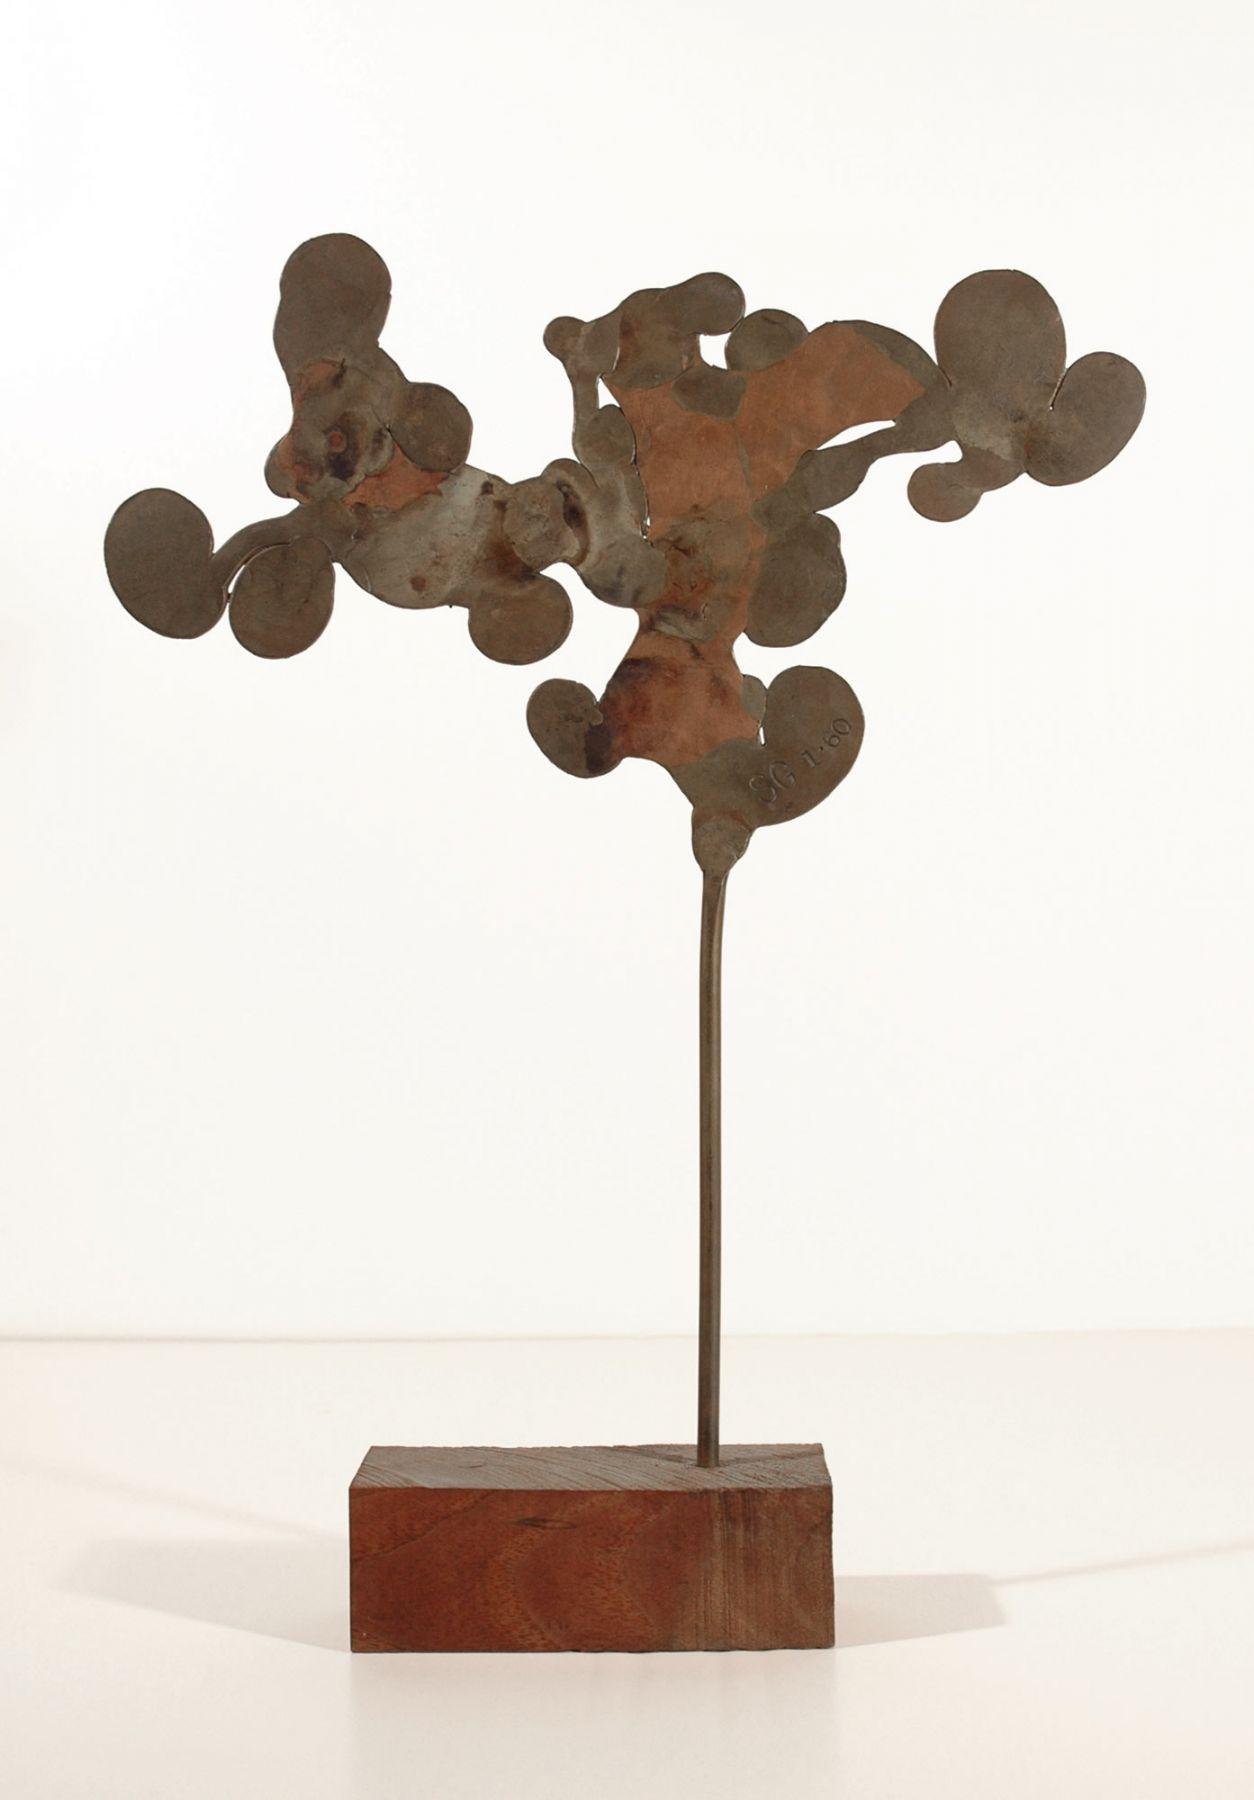 SIDNEY GORDIN (1918-1996), 1-60, 1960